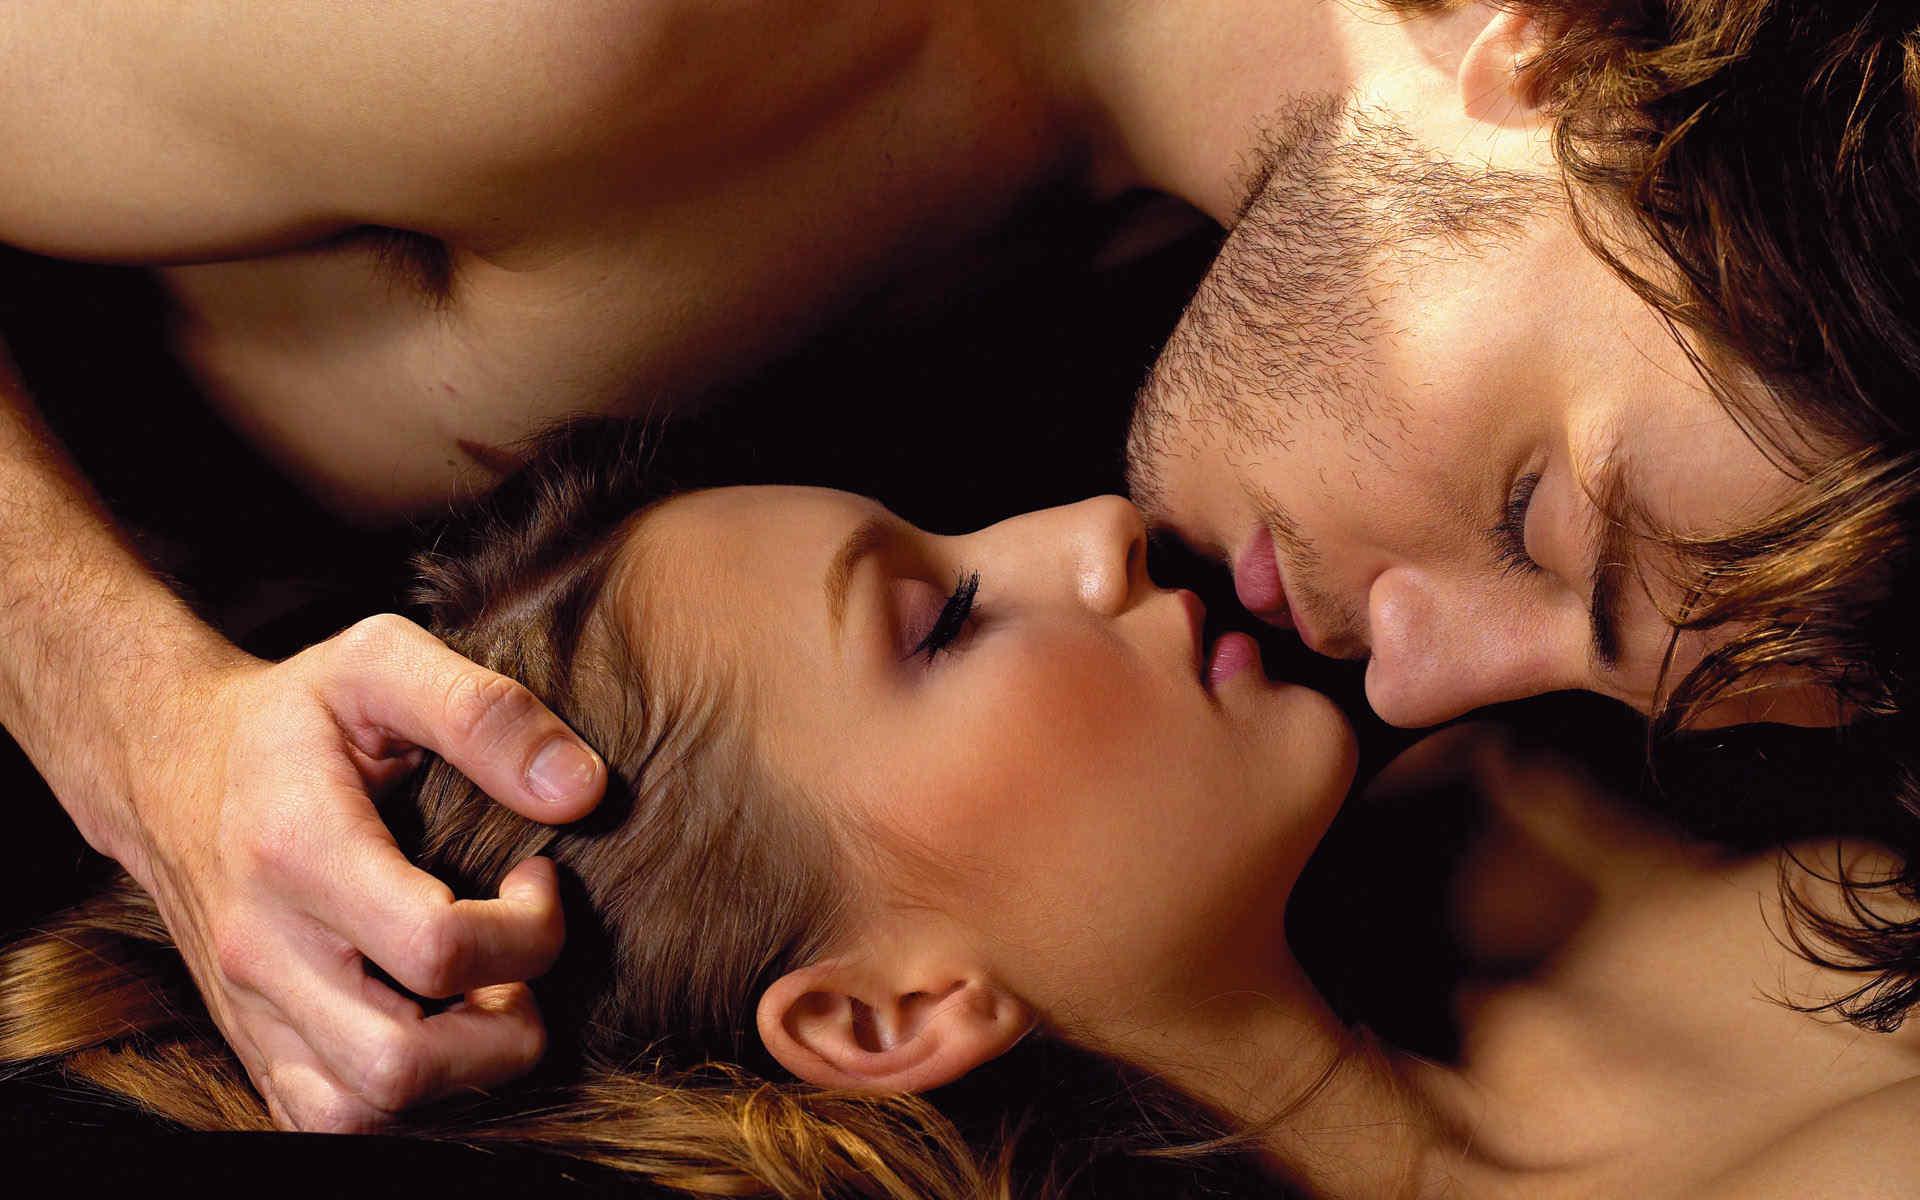 Страстная любовь и нежные ласки смотреть видео